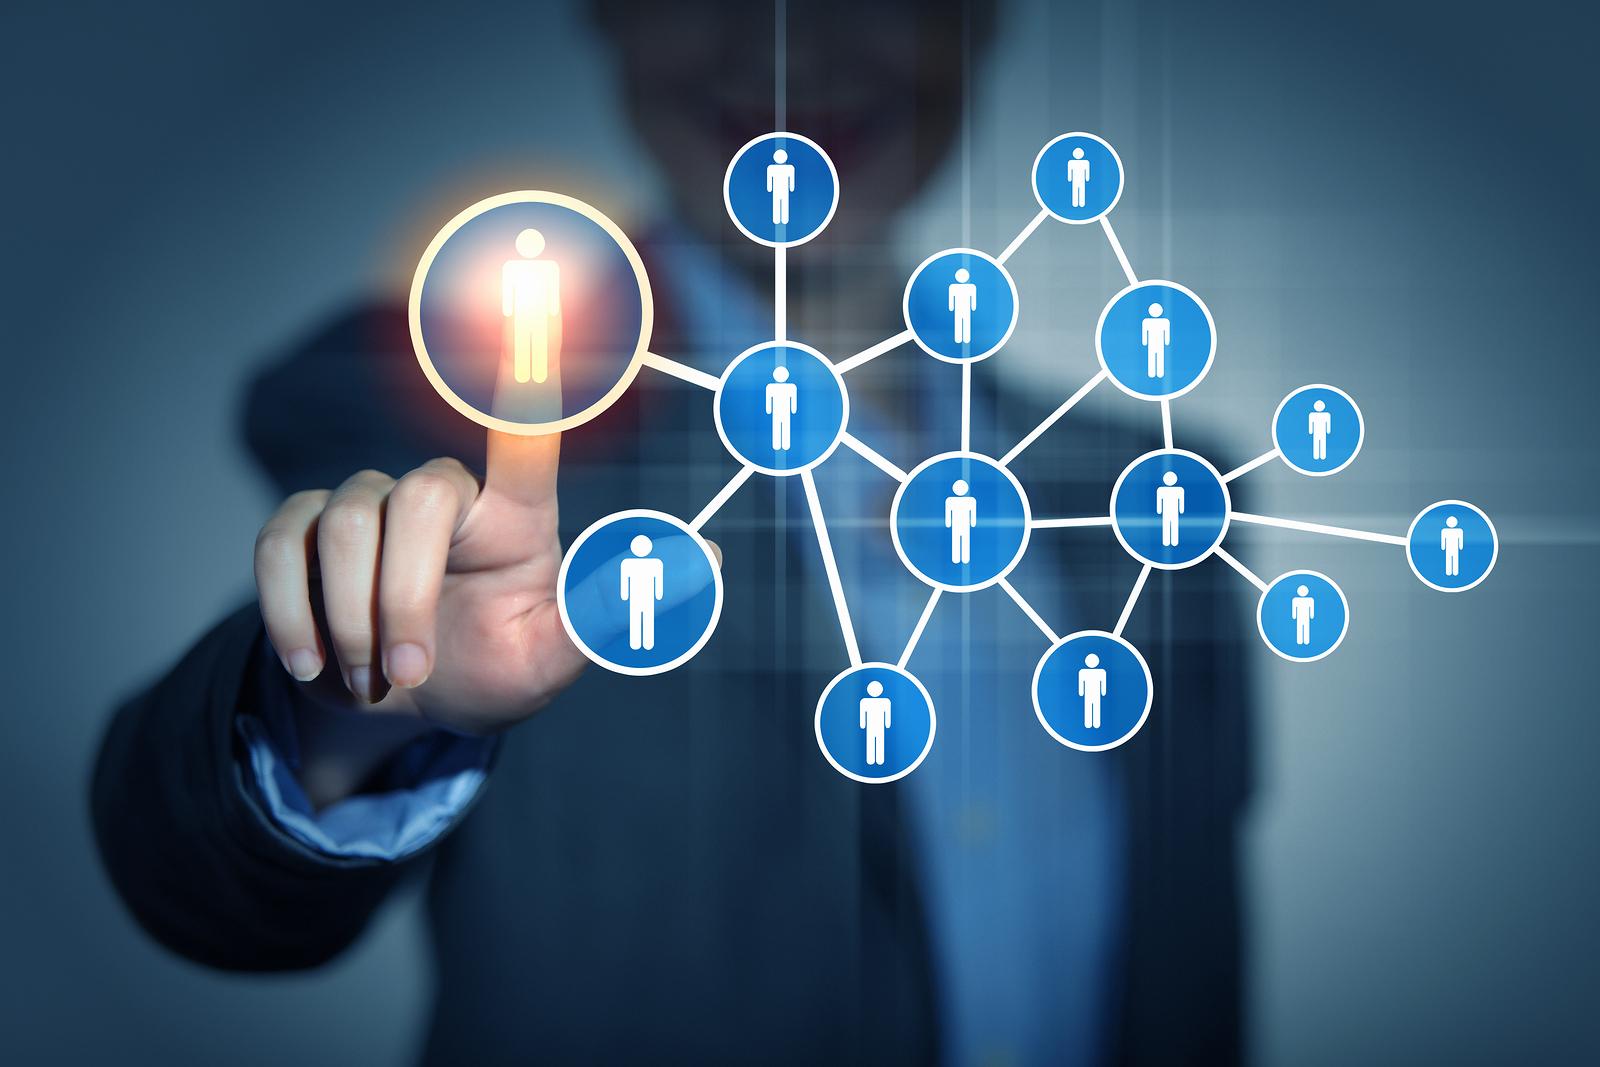 Việc chọn danh sách từ khóa, chủ đề phù hợp cho chiến dịch là điều khó khăn mà các doanh nghiệp đang gặp phải. Bạn có thể dựa vào chân dung khách hàng mục tiêu.